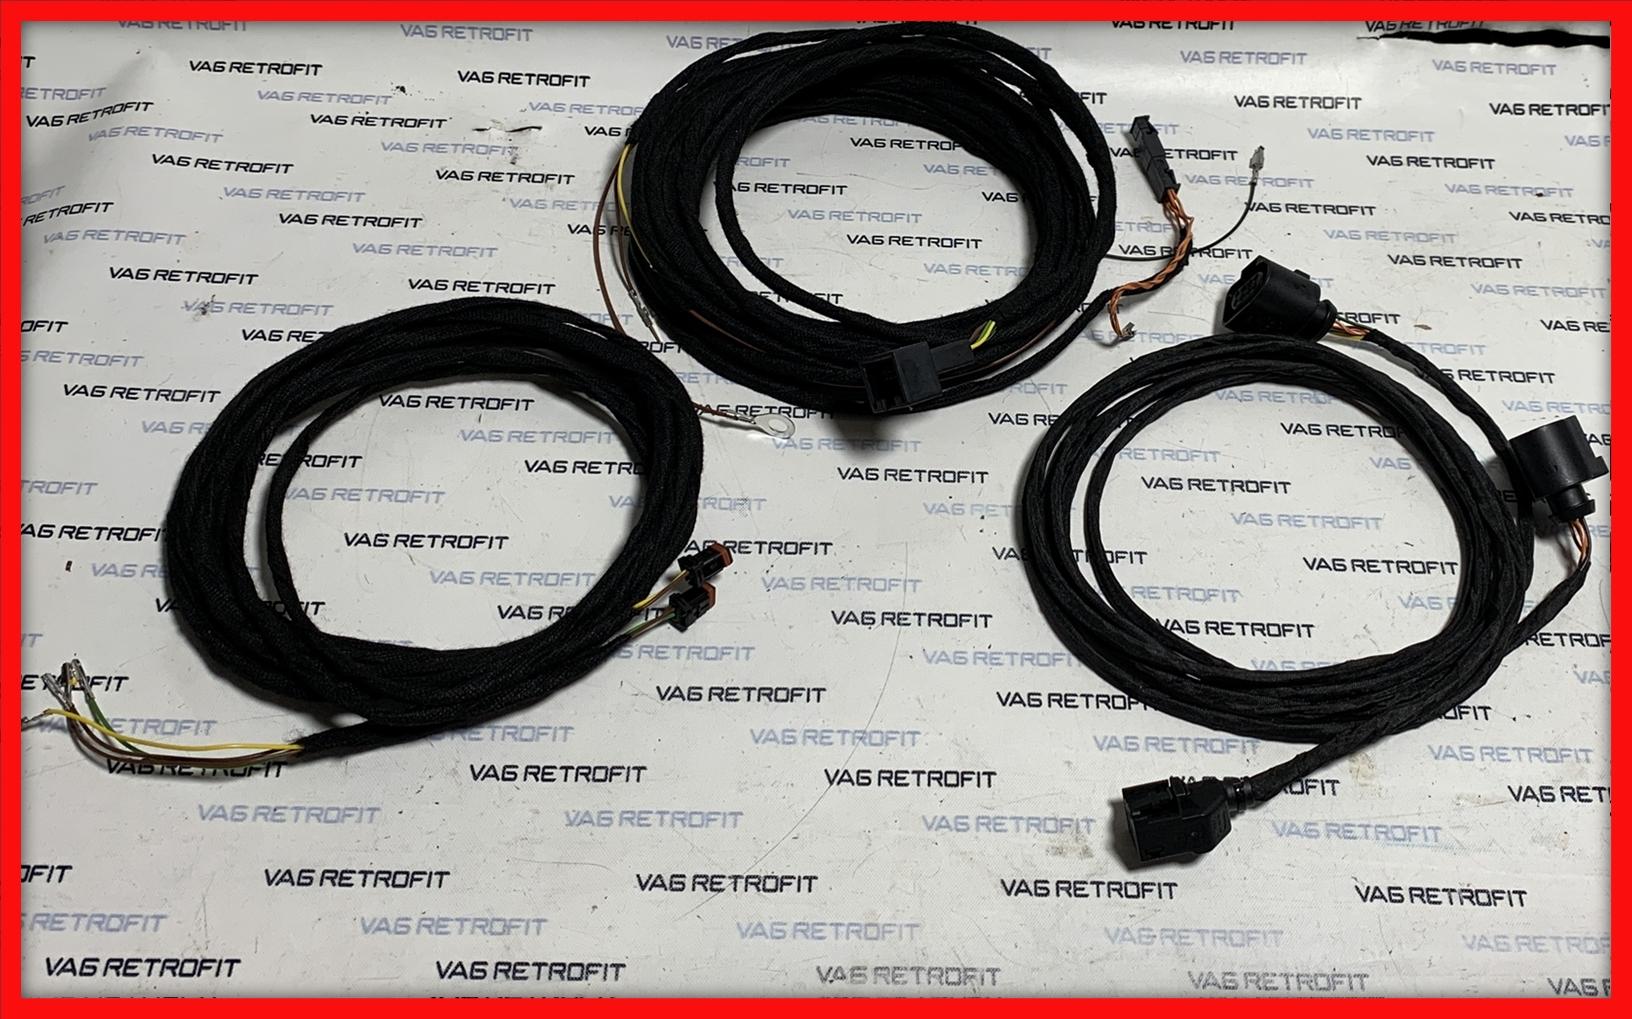 Poza - Cablu / Cablaj Side Assist / Rear Traffic VW Golf 7 VII Passat B8 SKODA SEAT AUDI